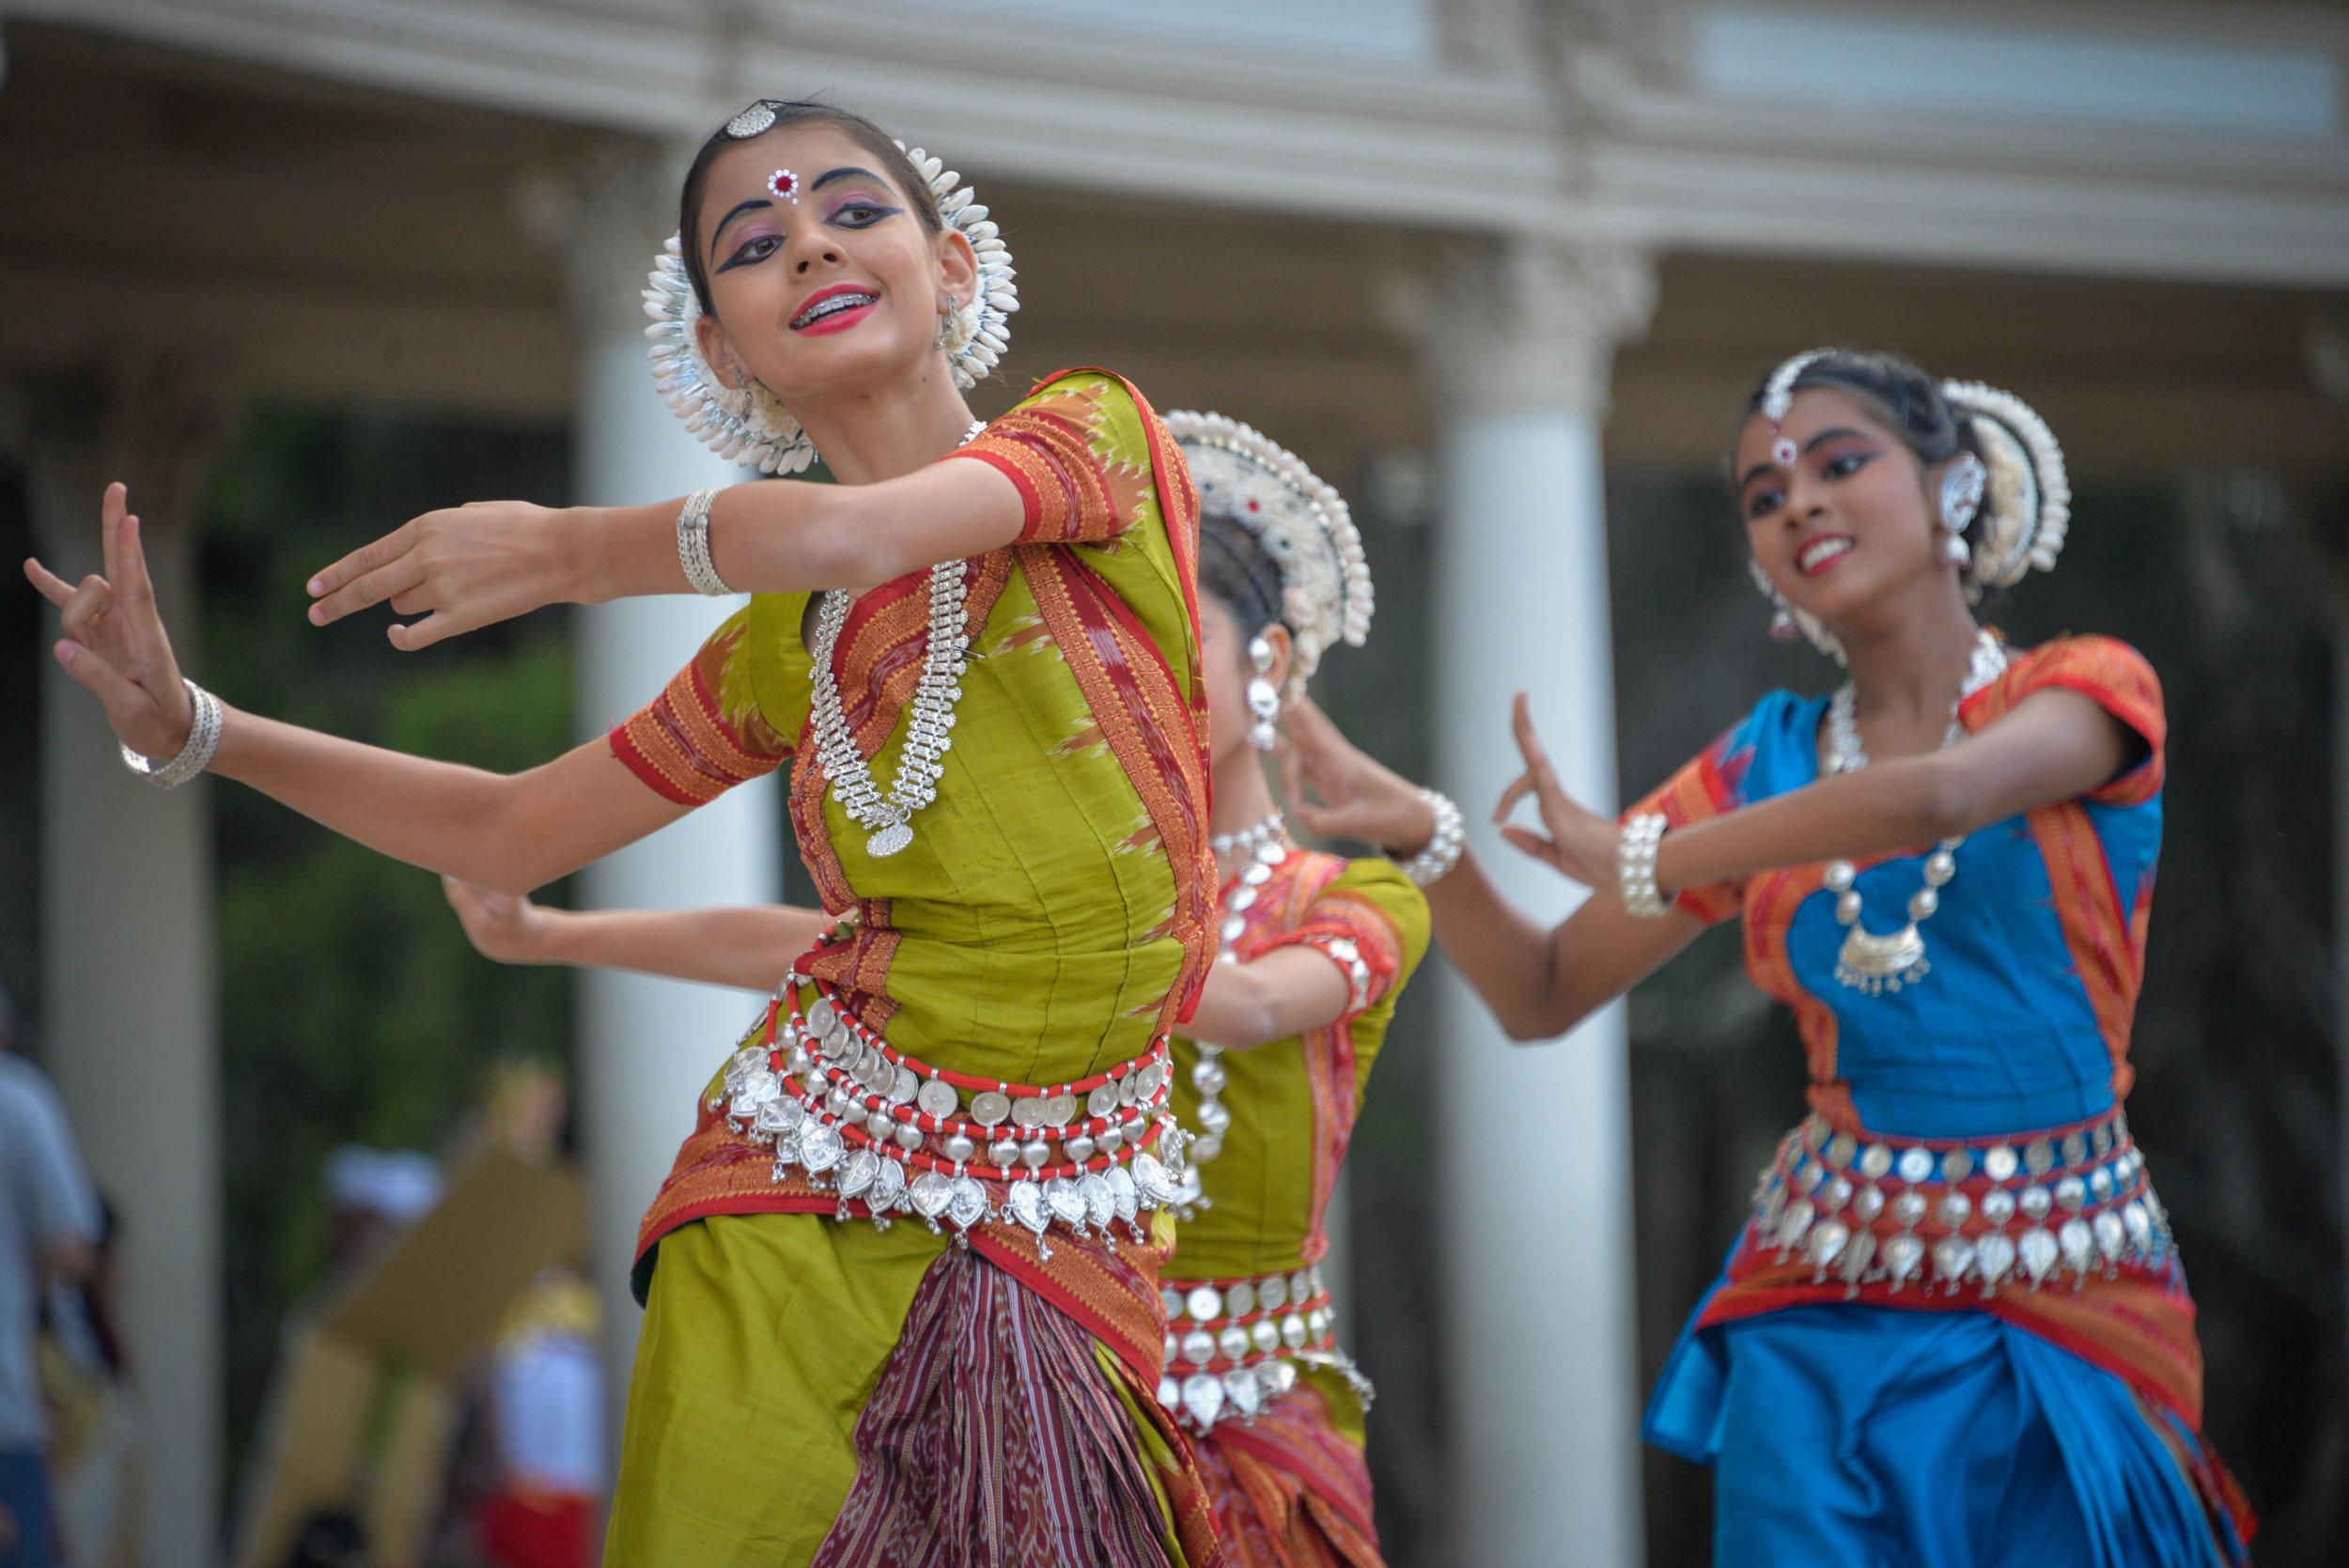 ielts_speaking_exam_3_dancing_culture